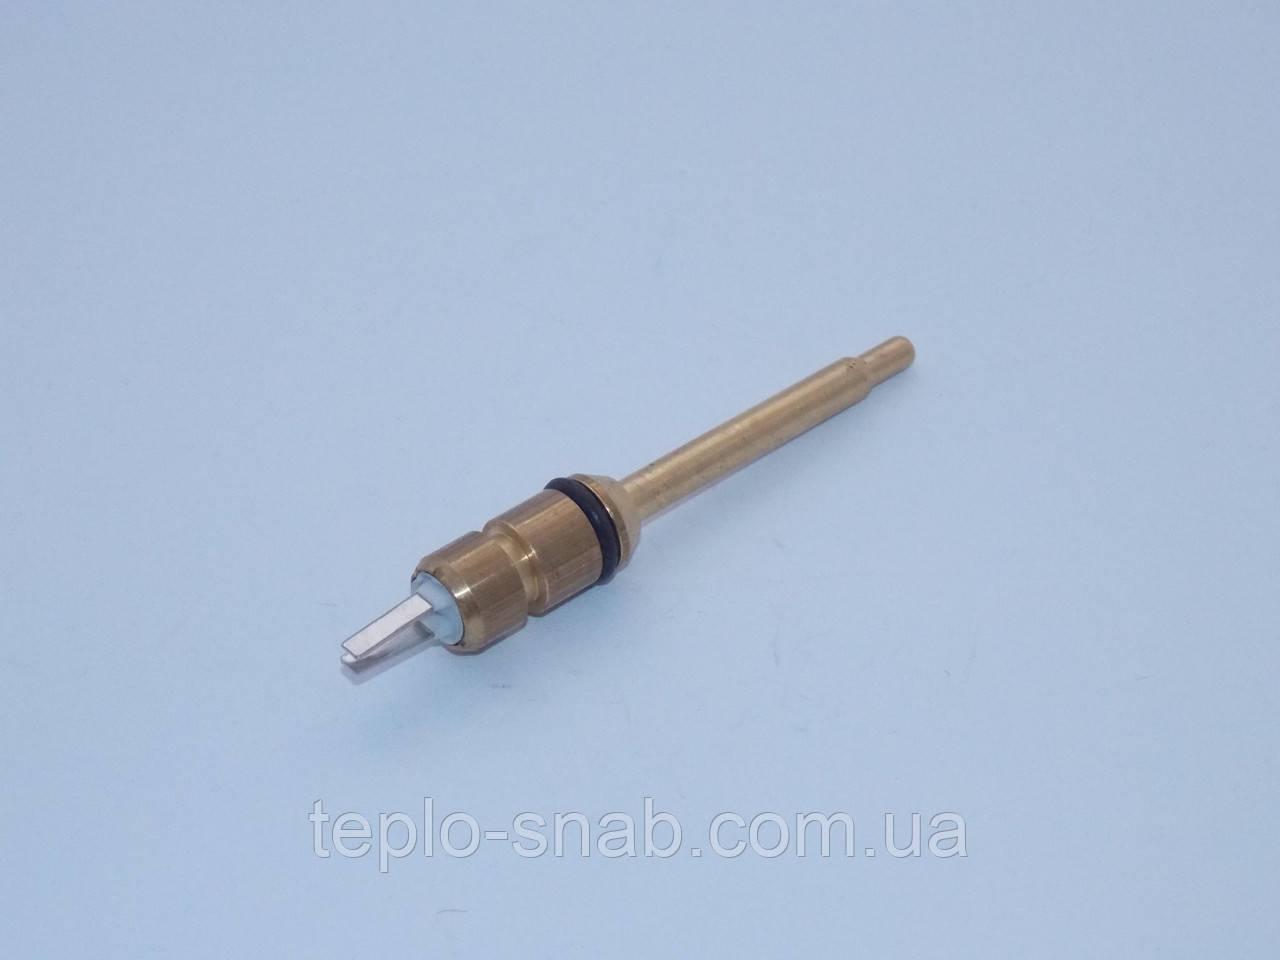 Датчик температуры ГВС (горячей воды) Viessmann Vitipend 100 WH1D. 7831303